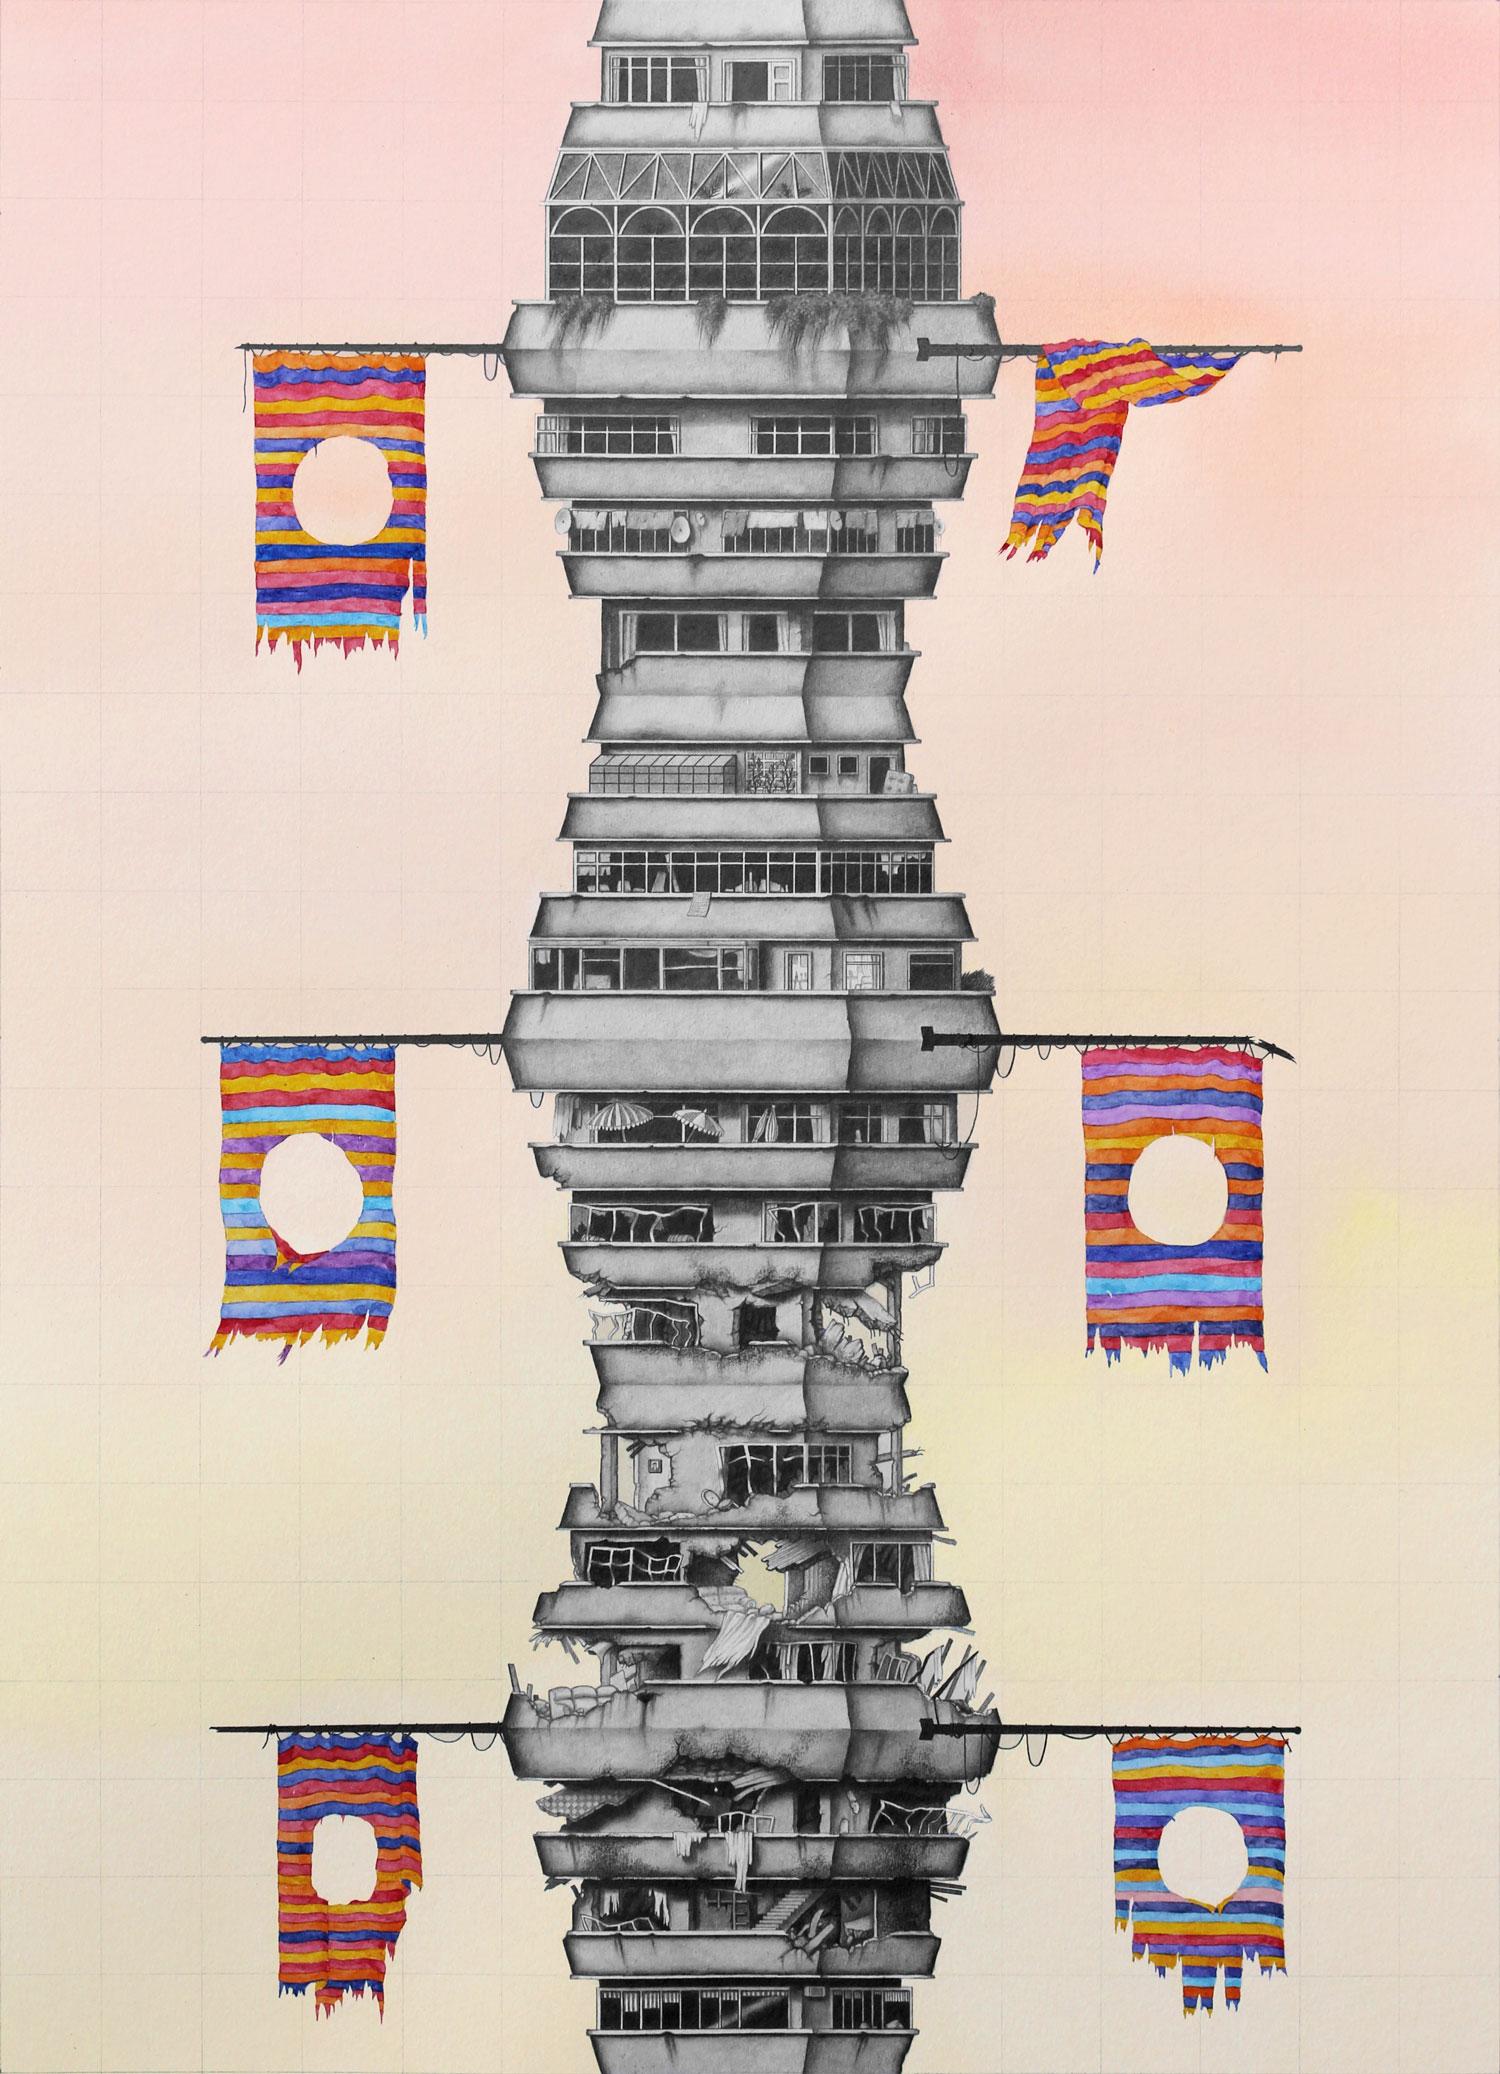 BA DA, DODA (THE TICKLISH SUBJECT) - Watercolour and pencil on archival paper30 x 42 cm2017